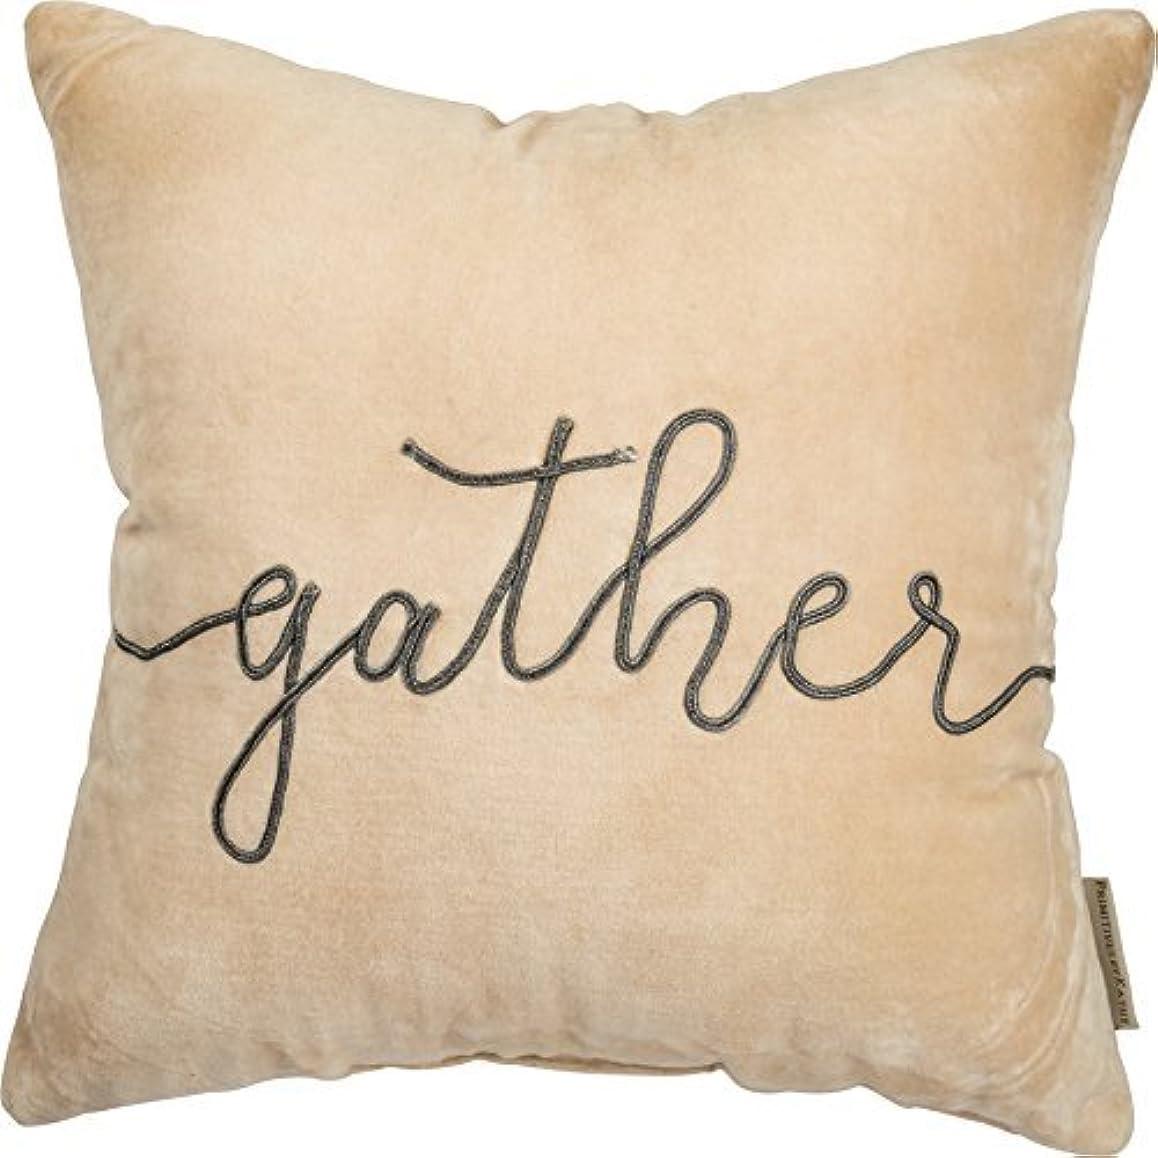 スポークスマン辞任する最小Primitives by Kathy Fall Velvet Pillow - Gather - Cream Gray - 15 inches Square [並行輸入品]